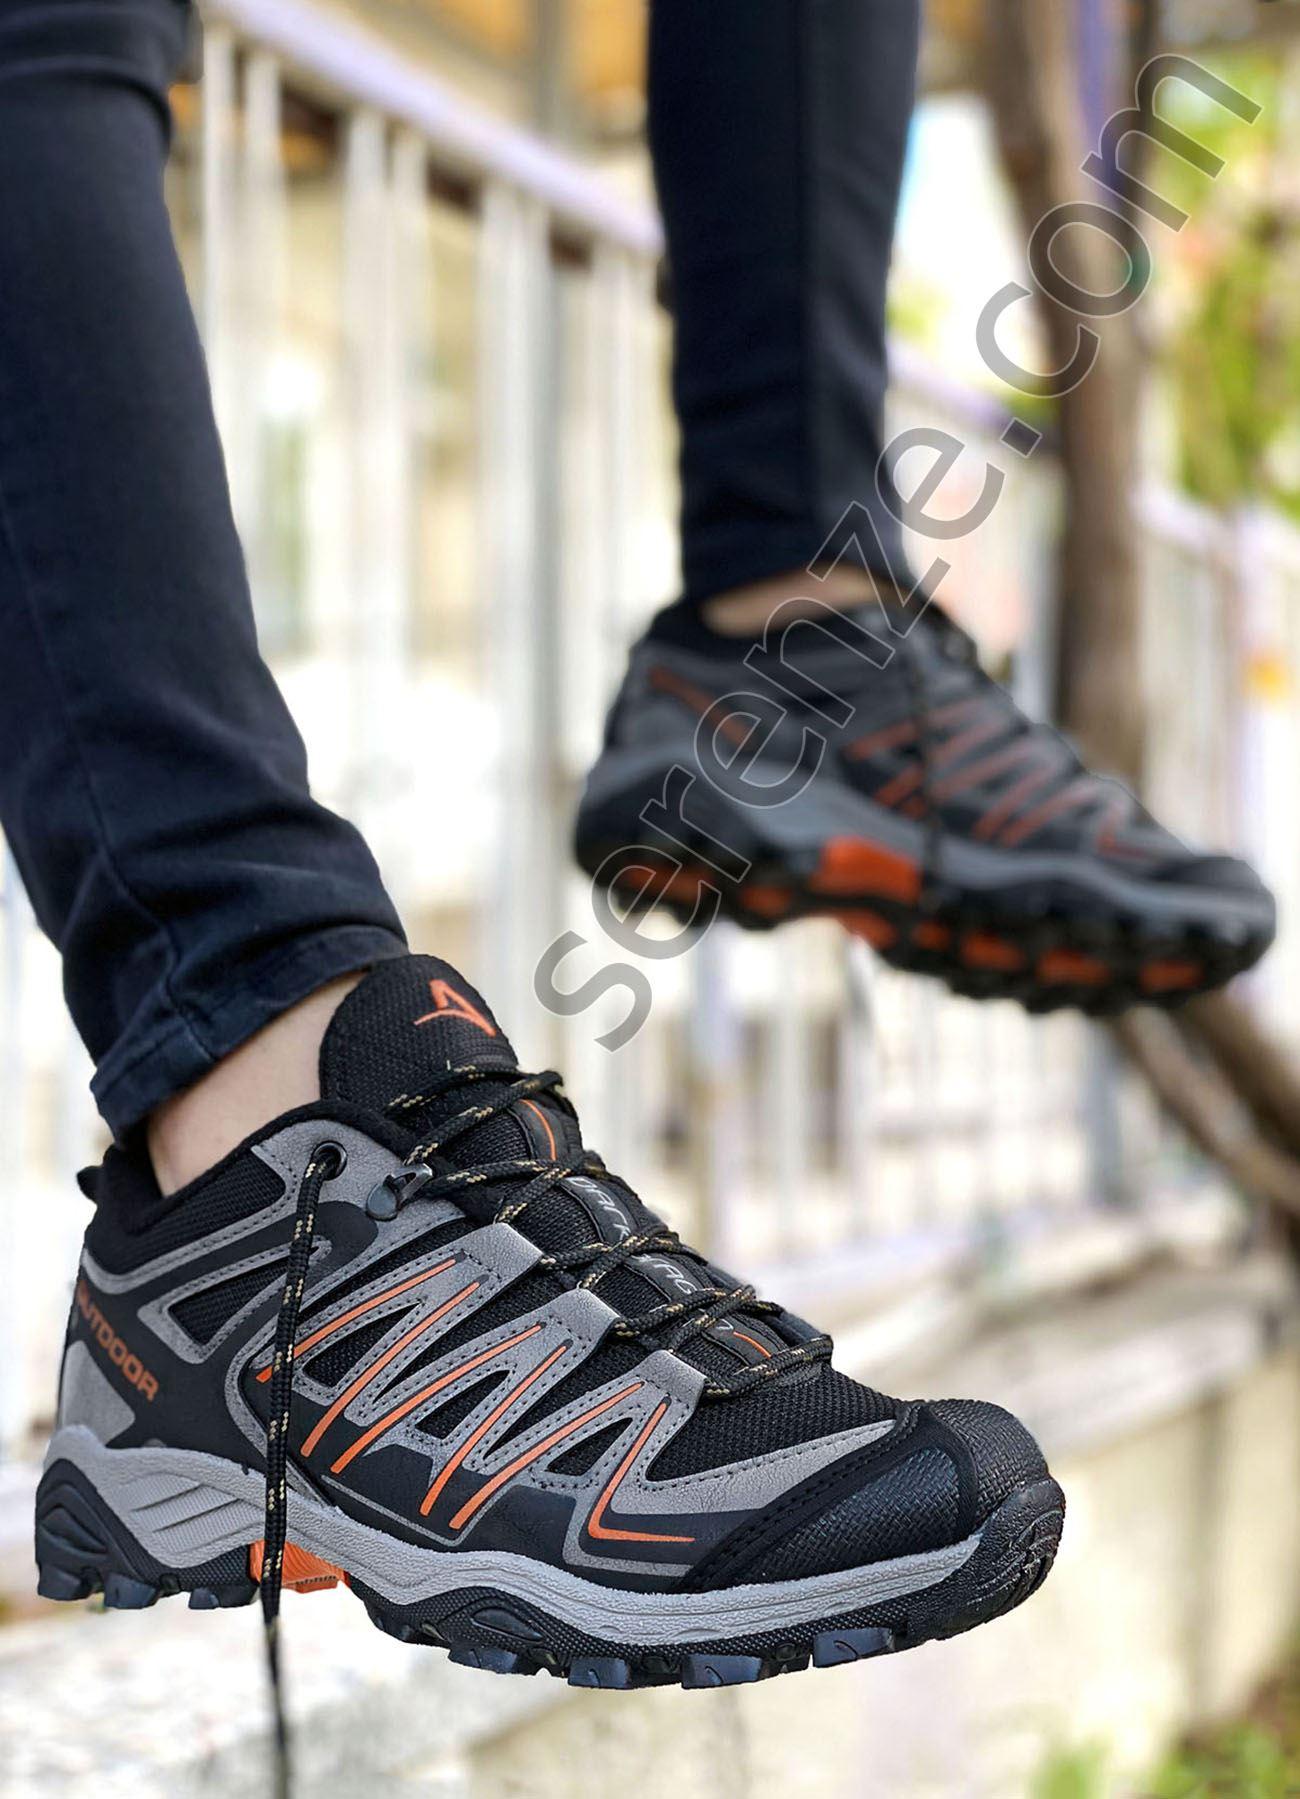 Füme HardDuty Erkek Trekking Ayakkabı